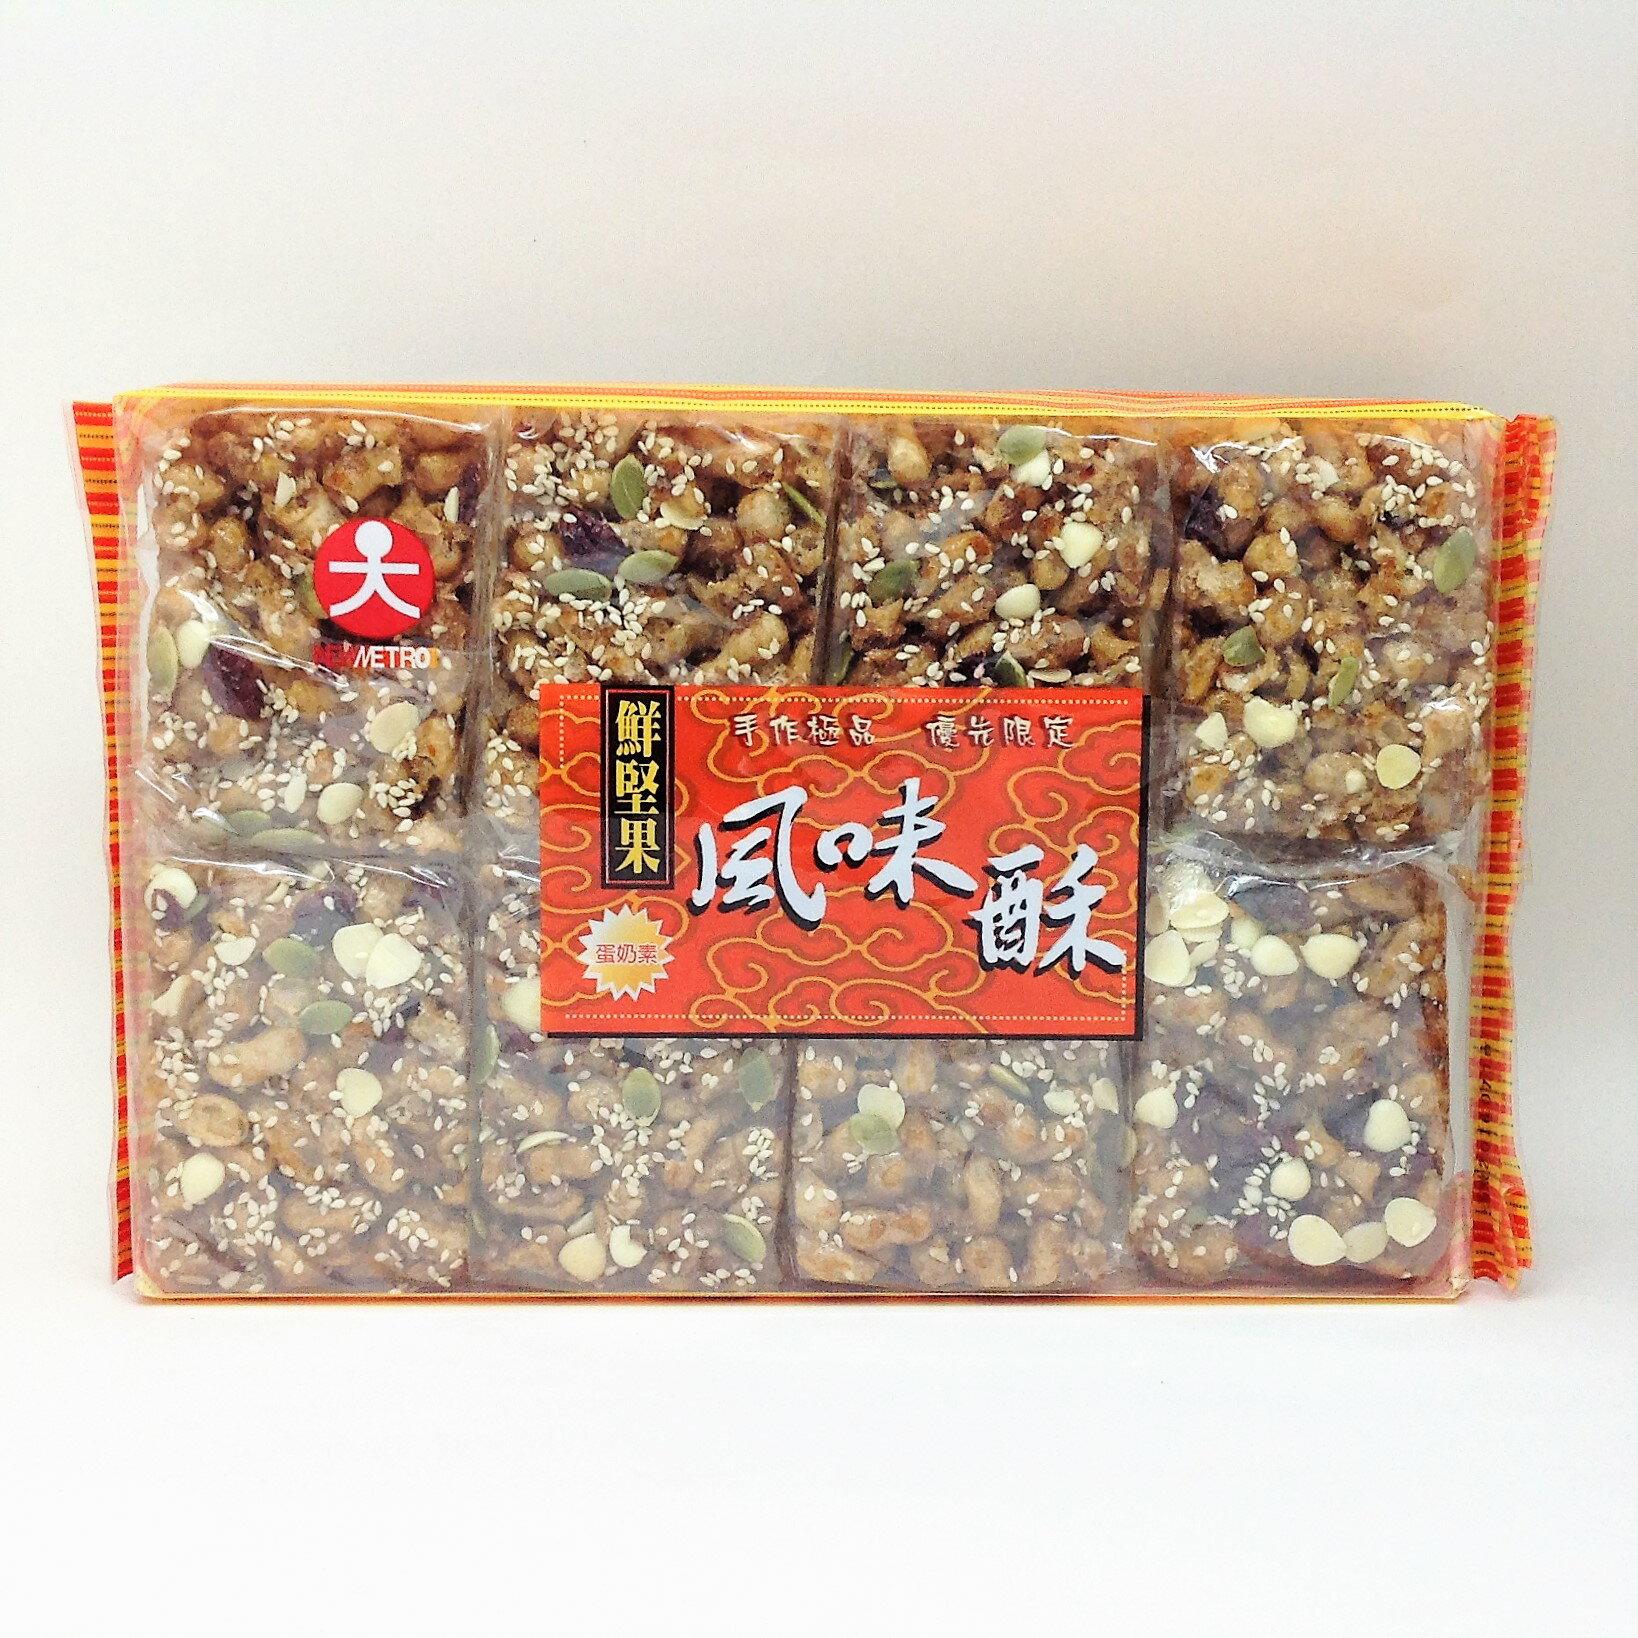 【橘町五丁目】鮮堅果風味酥